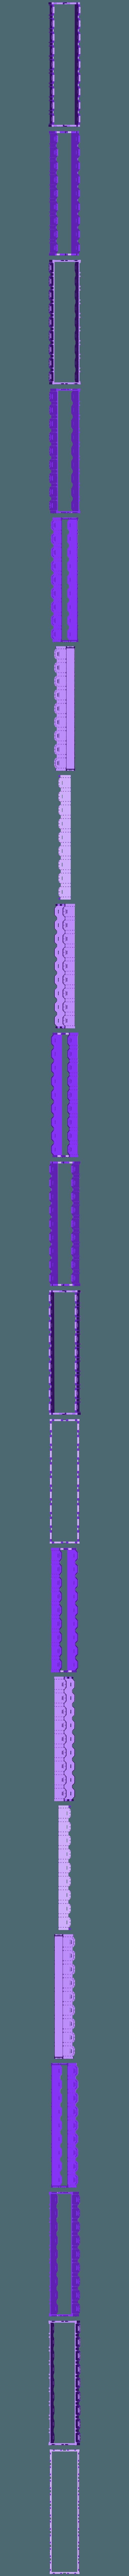 fence.stl Télécharger fichier STL gratuit Warhammer 40K - wagon gargo général - échelle HO (1:87) • Modèle pour impression 3D, nenchev